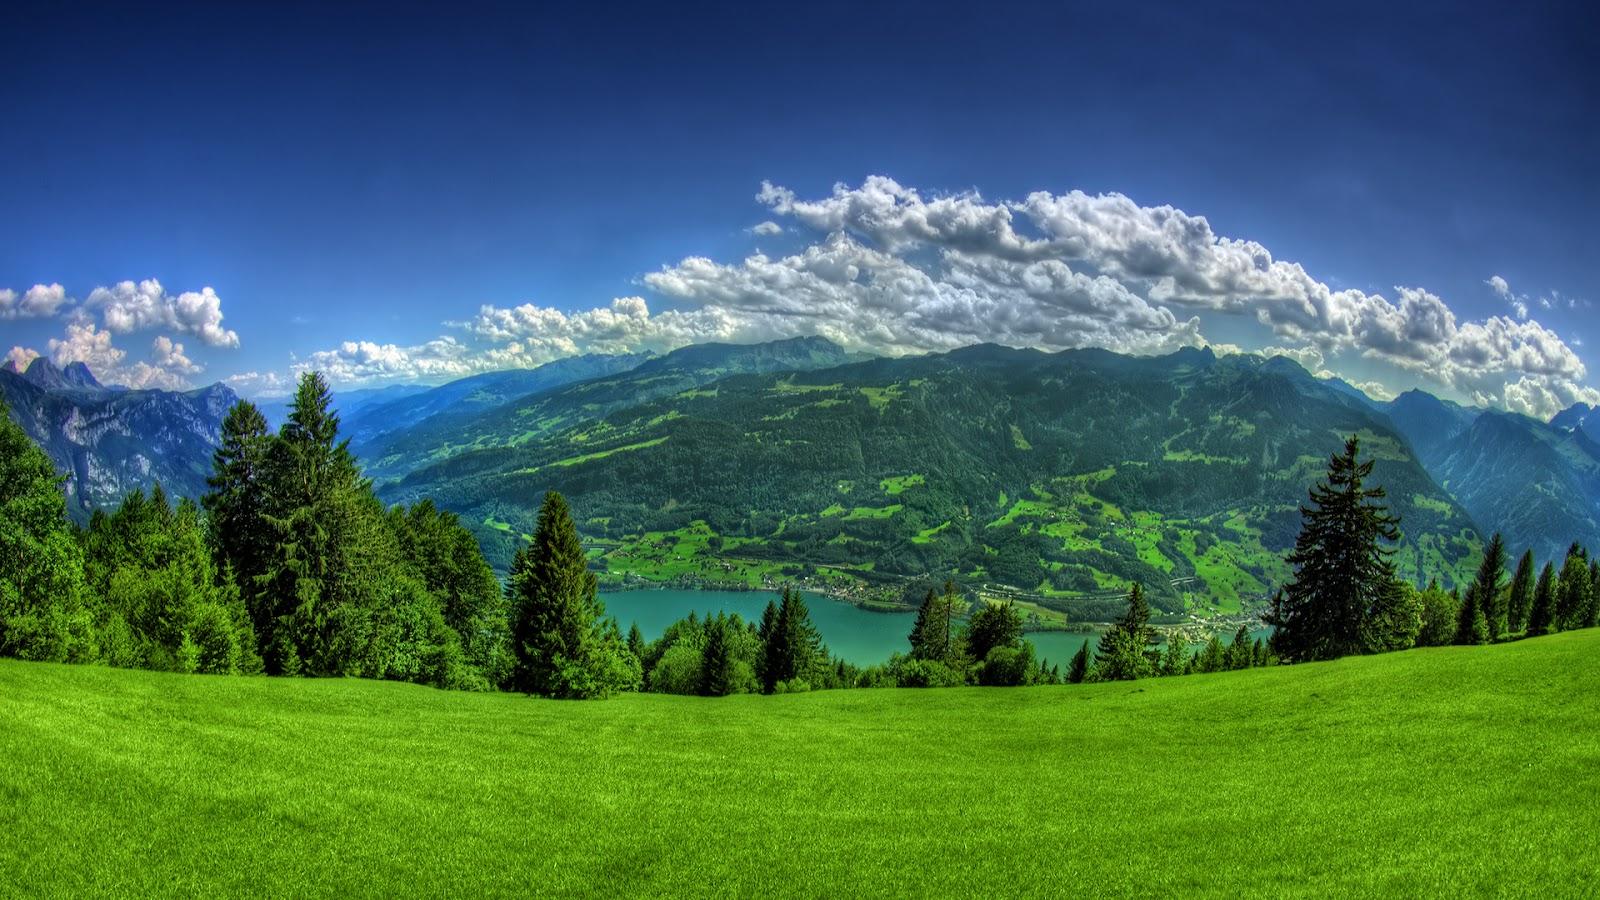 Wallpaper proslut lush green grass mountains full hd - Green nature wallpaper full hd ...